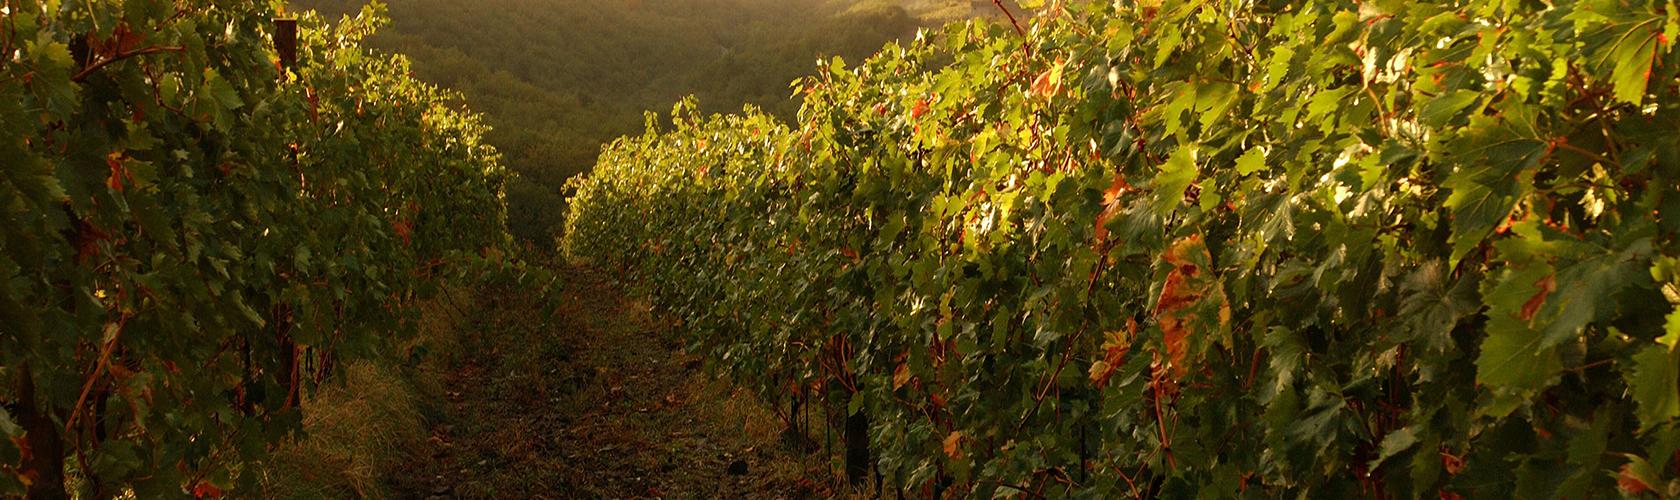 100 pontos da Wine Enthusiast para o Brunello di Montalcino Riserva 2012 de Andrea Costanti